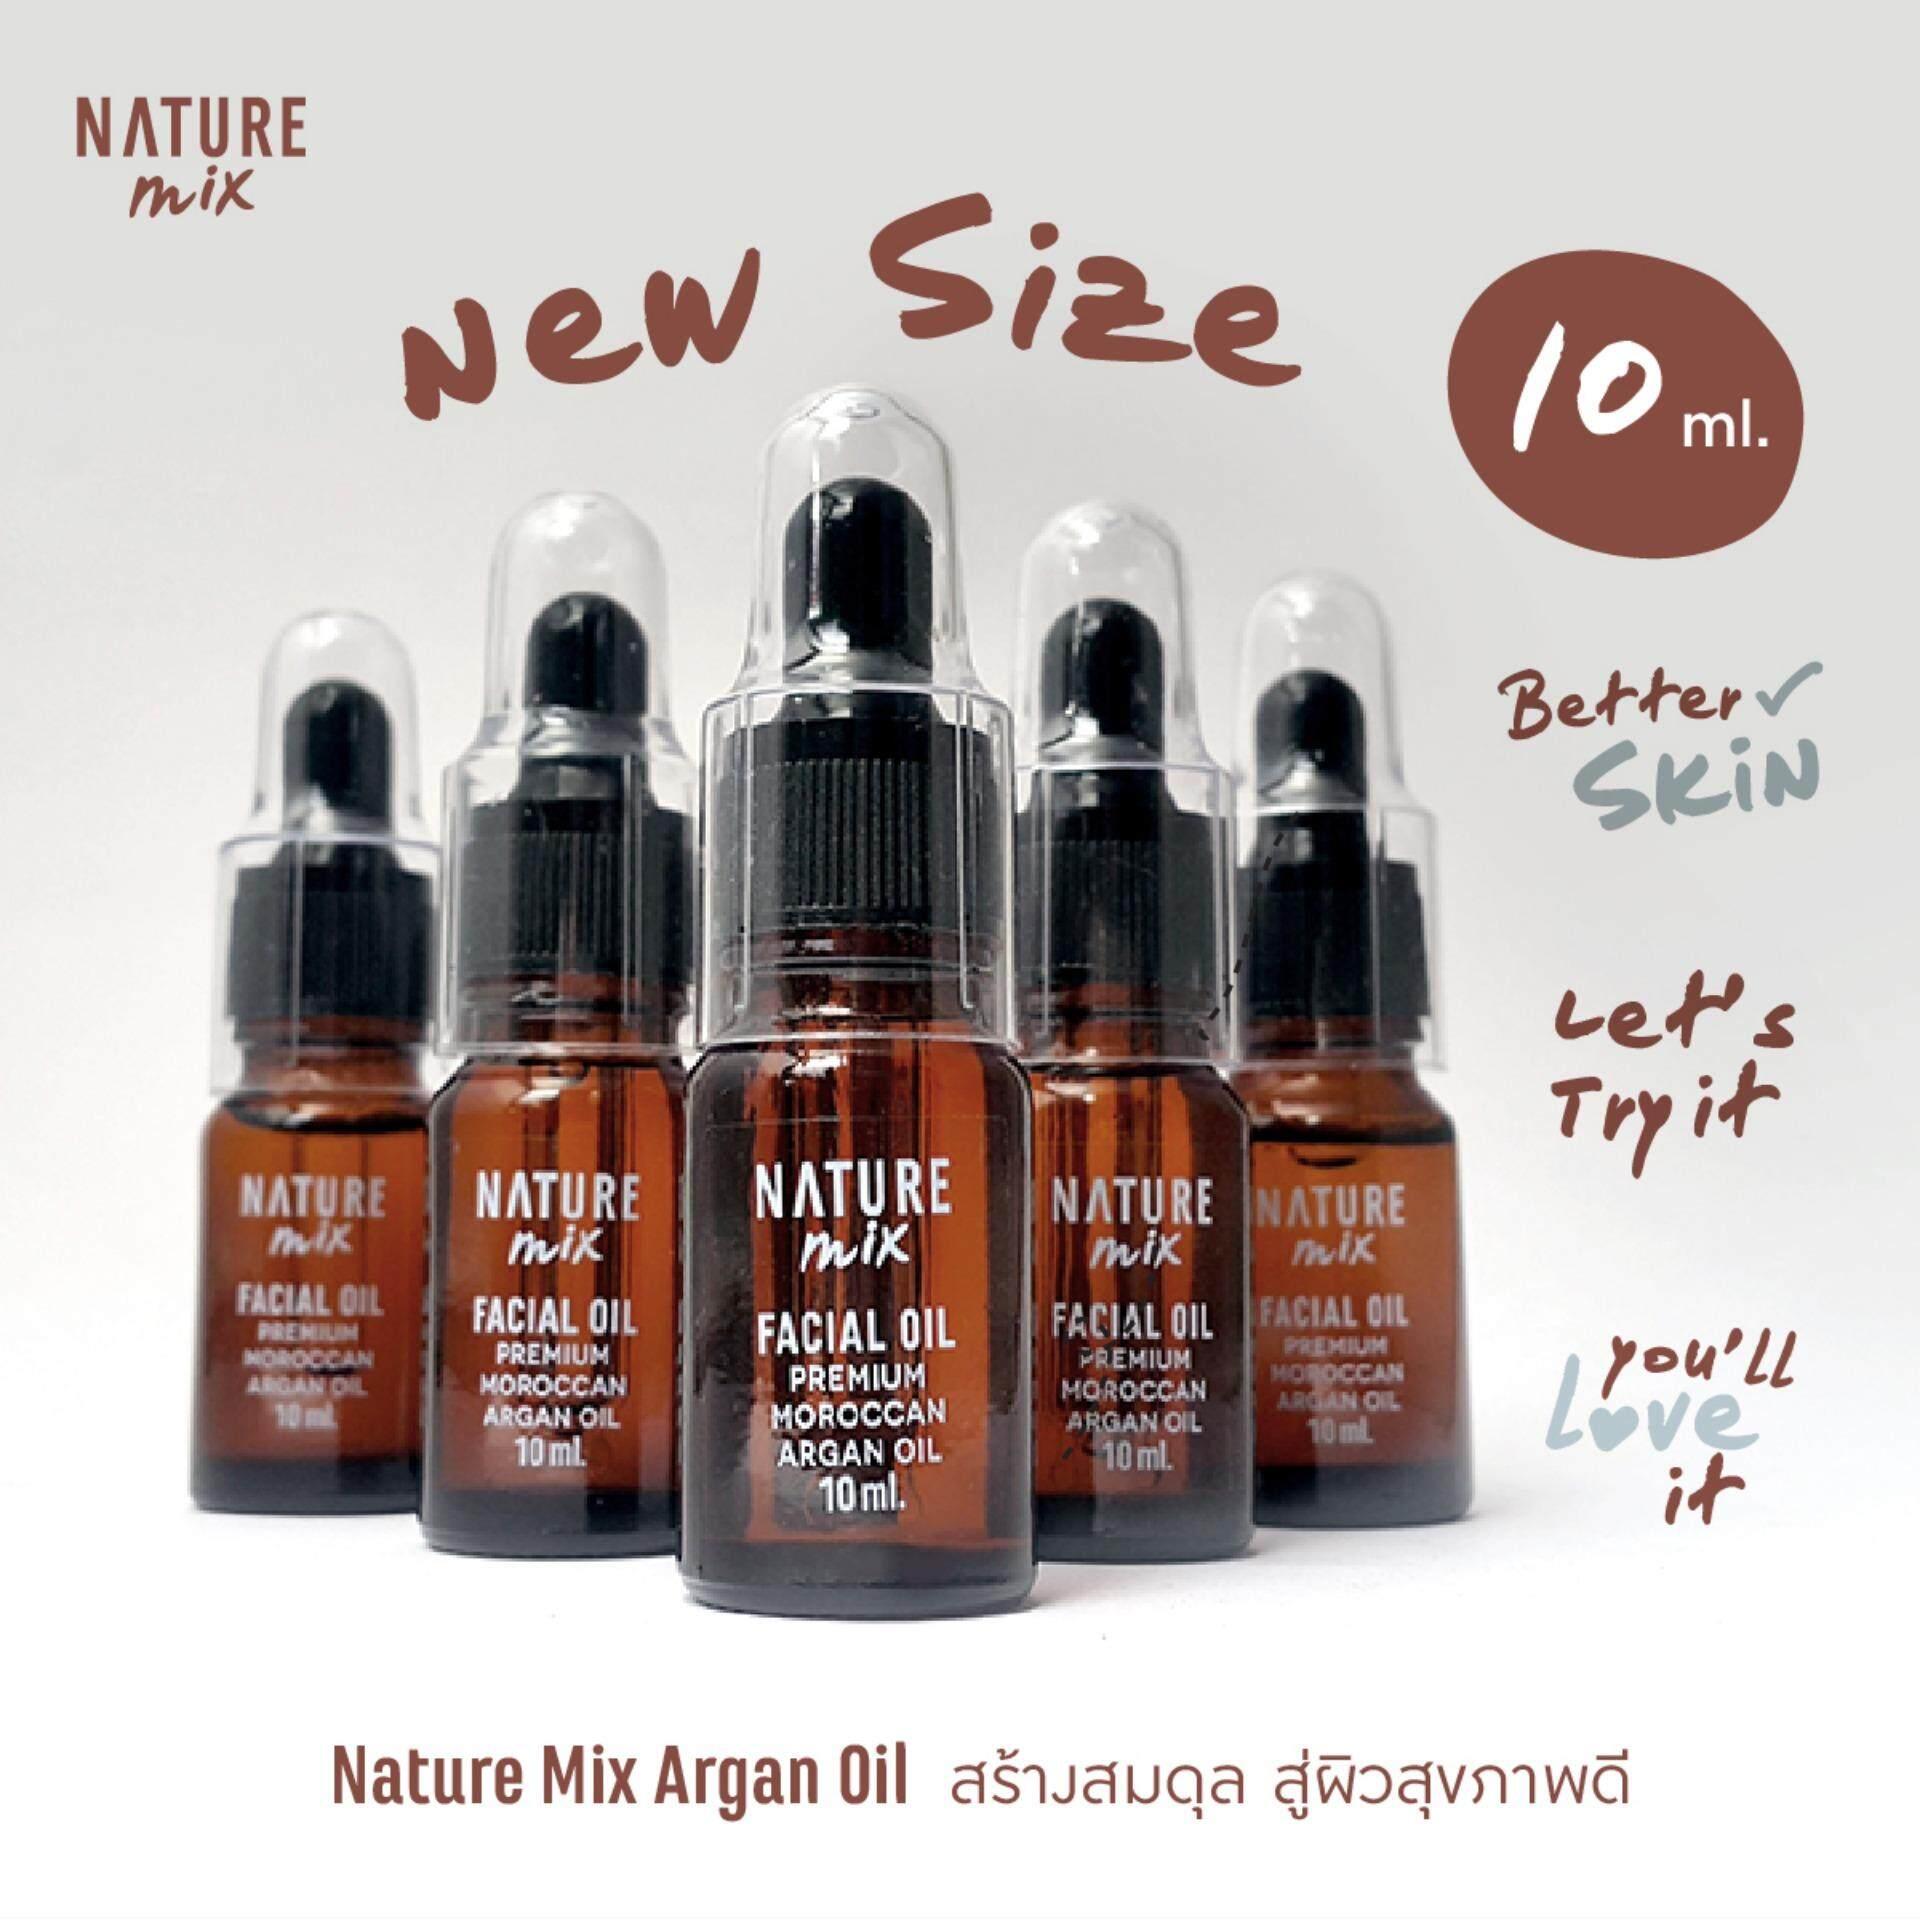 ซื้อ Naturemix Argan Oil 10 Ml ถูก ใน กรุงเทพมหานคร